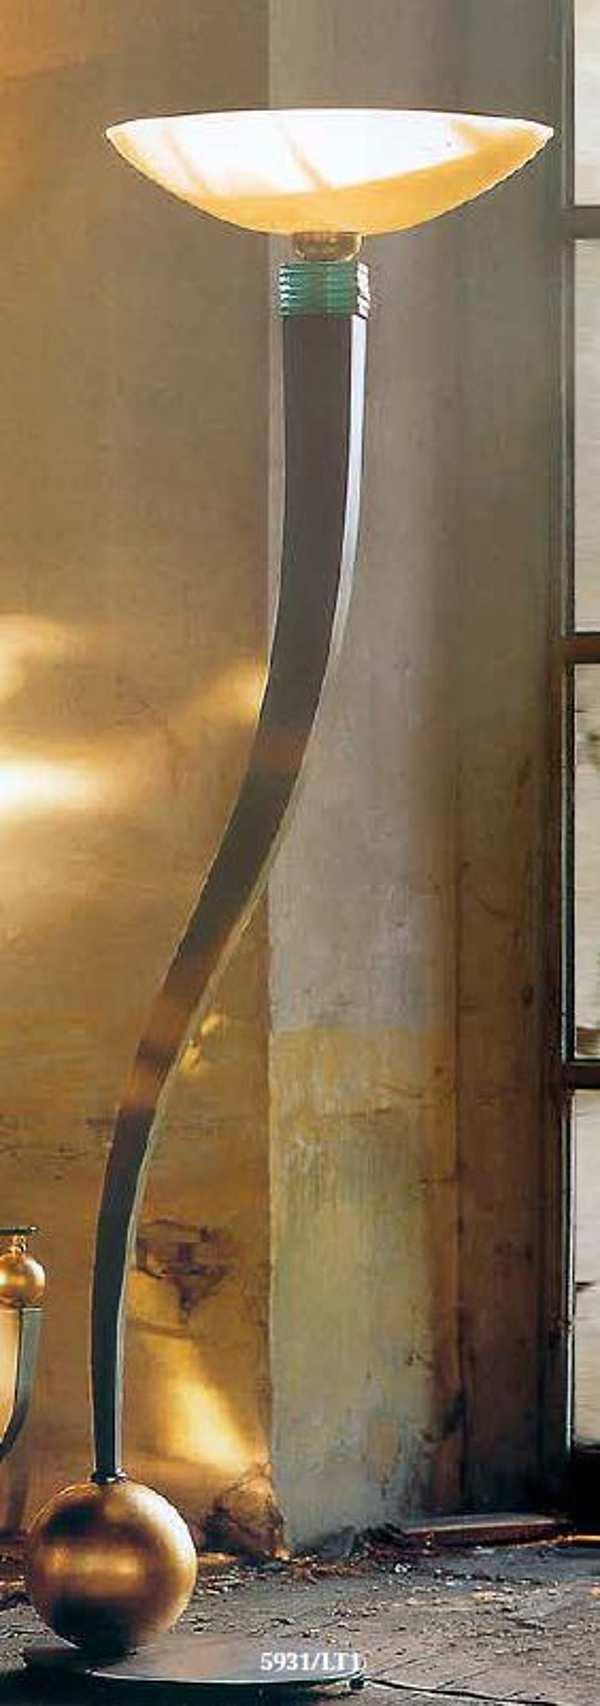 Lampada da terra MM LAMPADARI 5931/LT1